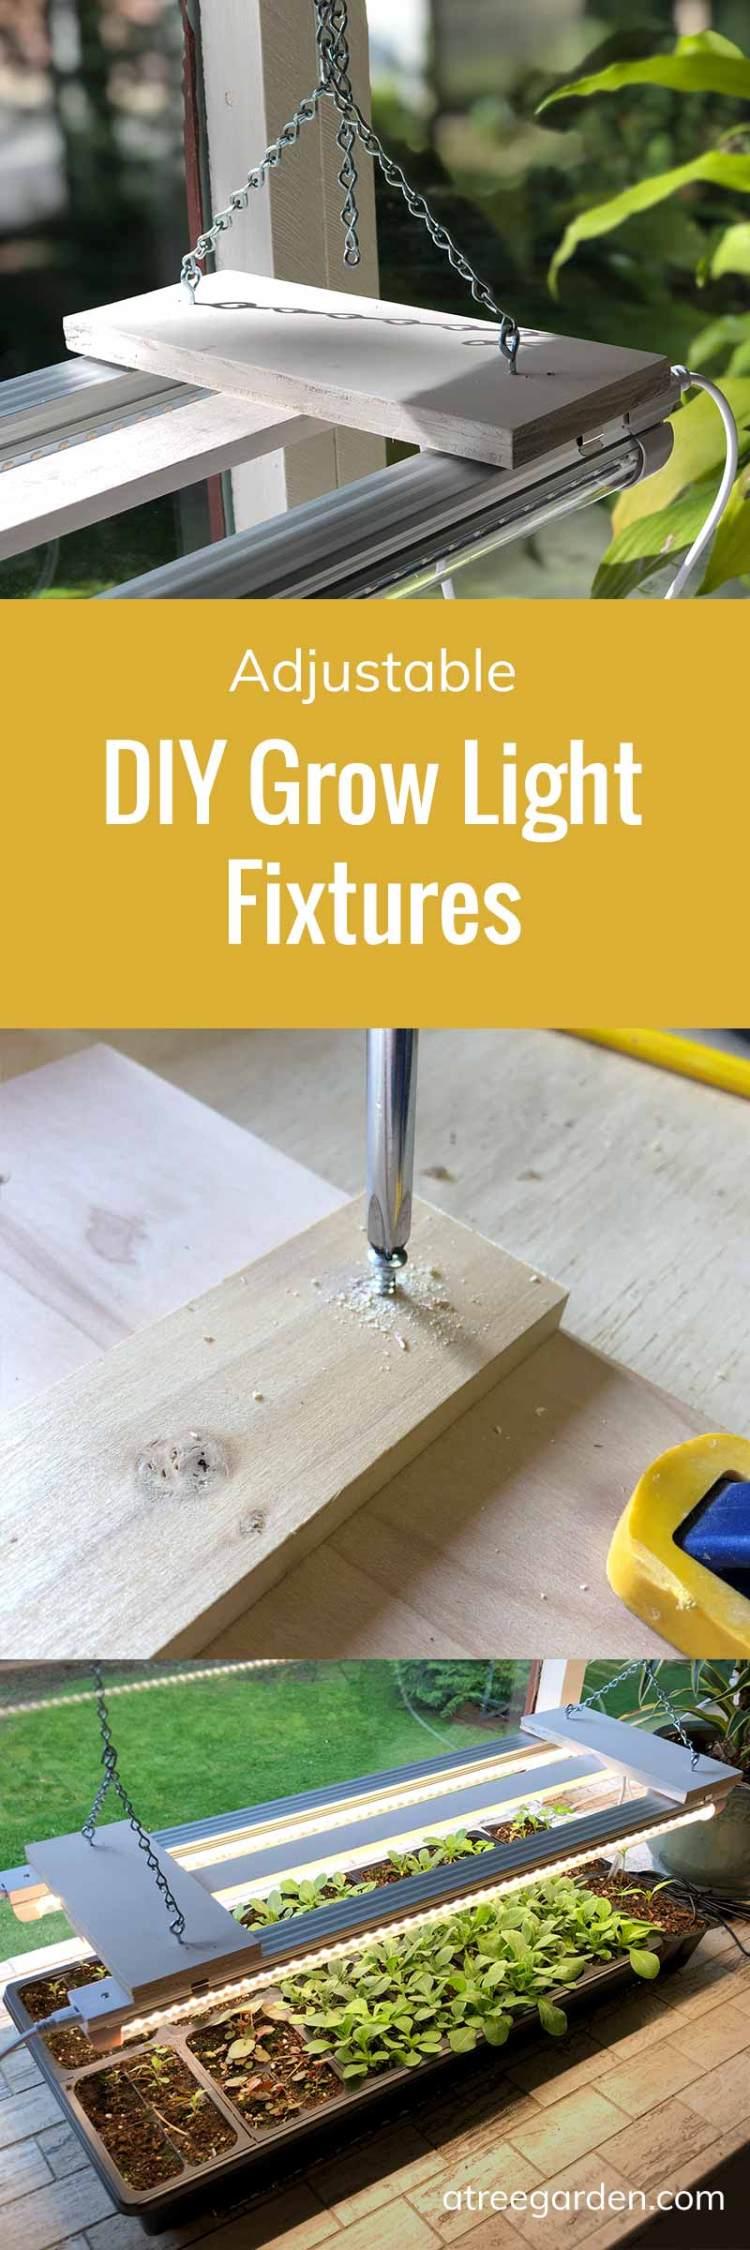 Adjustable Grow Light Fixtures